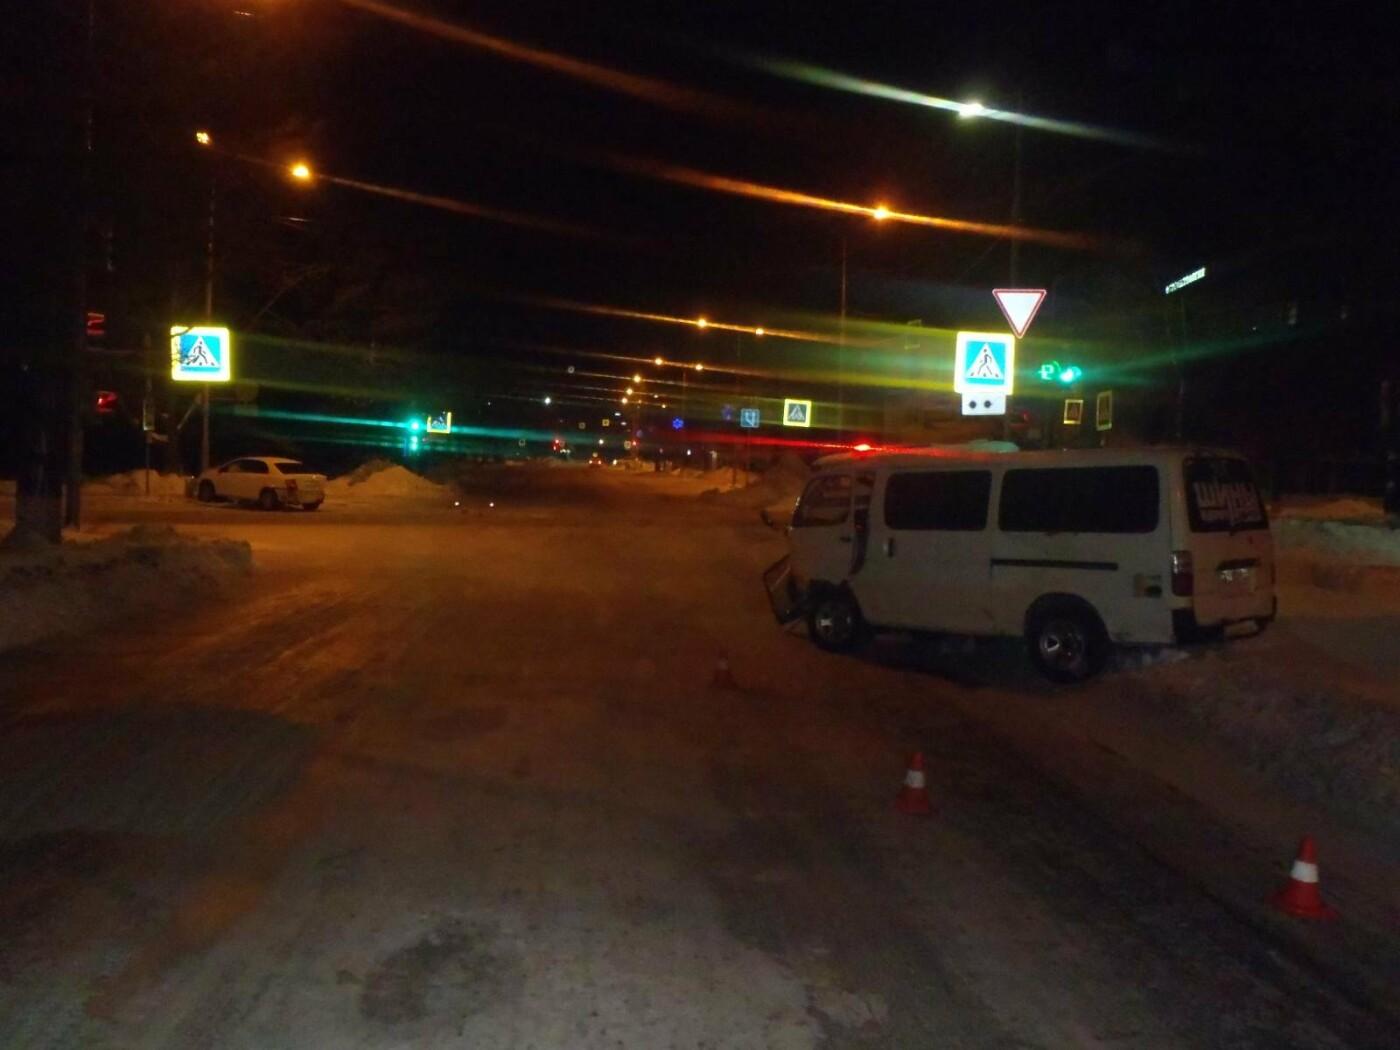 На Камчатке за время январских выходных в ДТП погиб 1 человек и 7 пострадали, фото-8